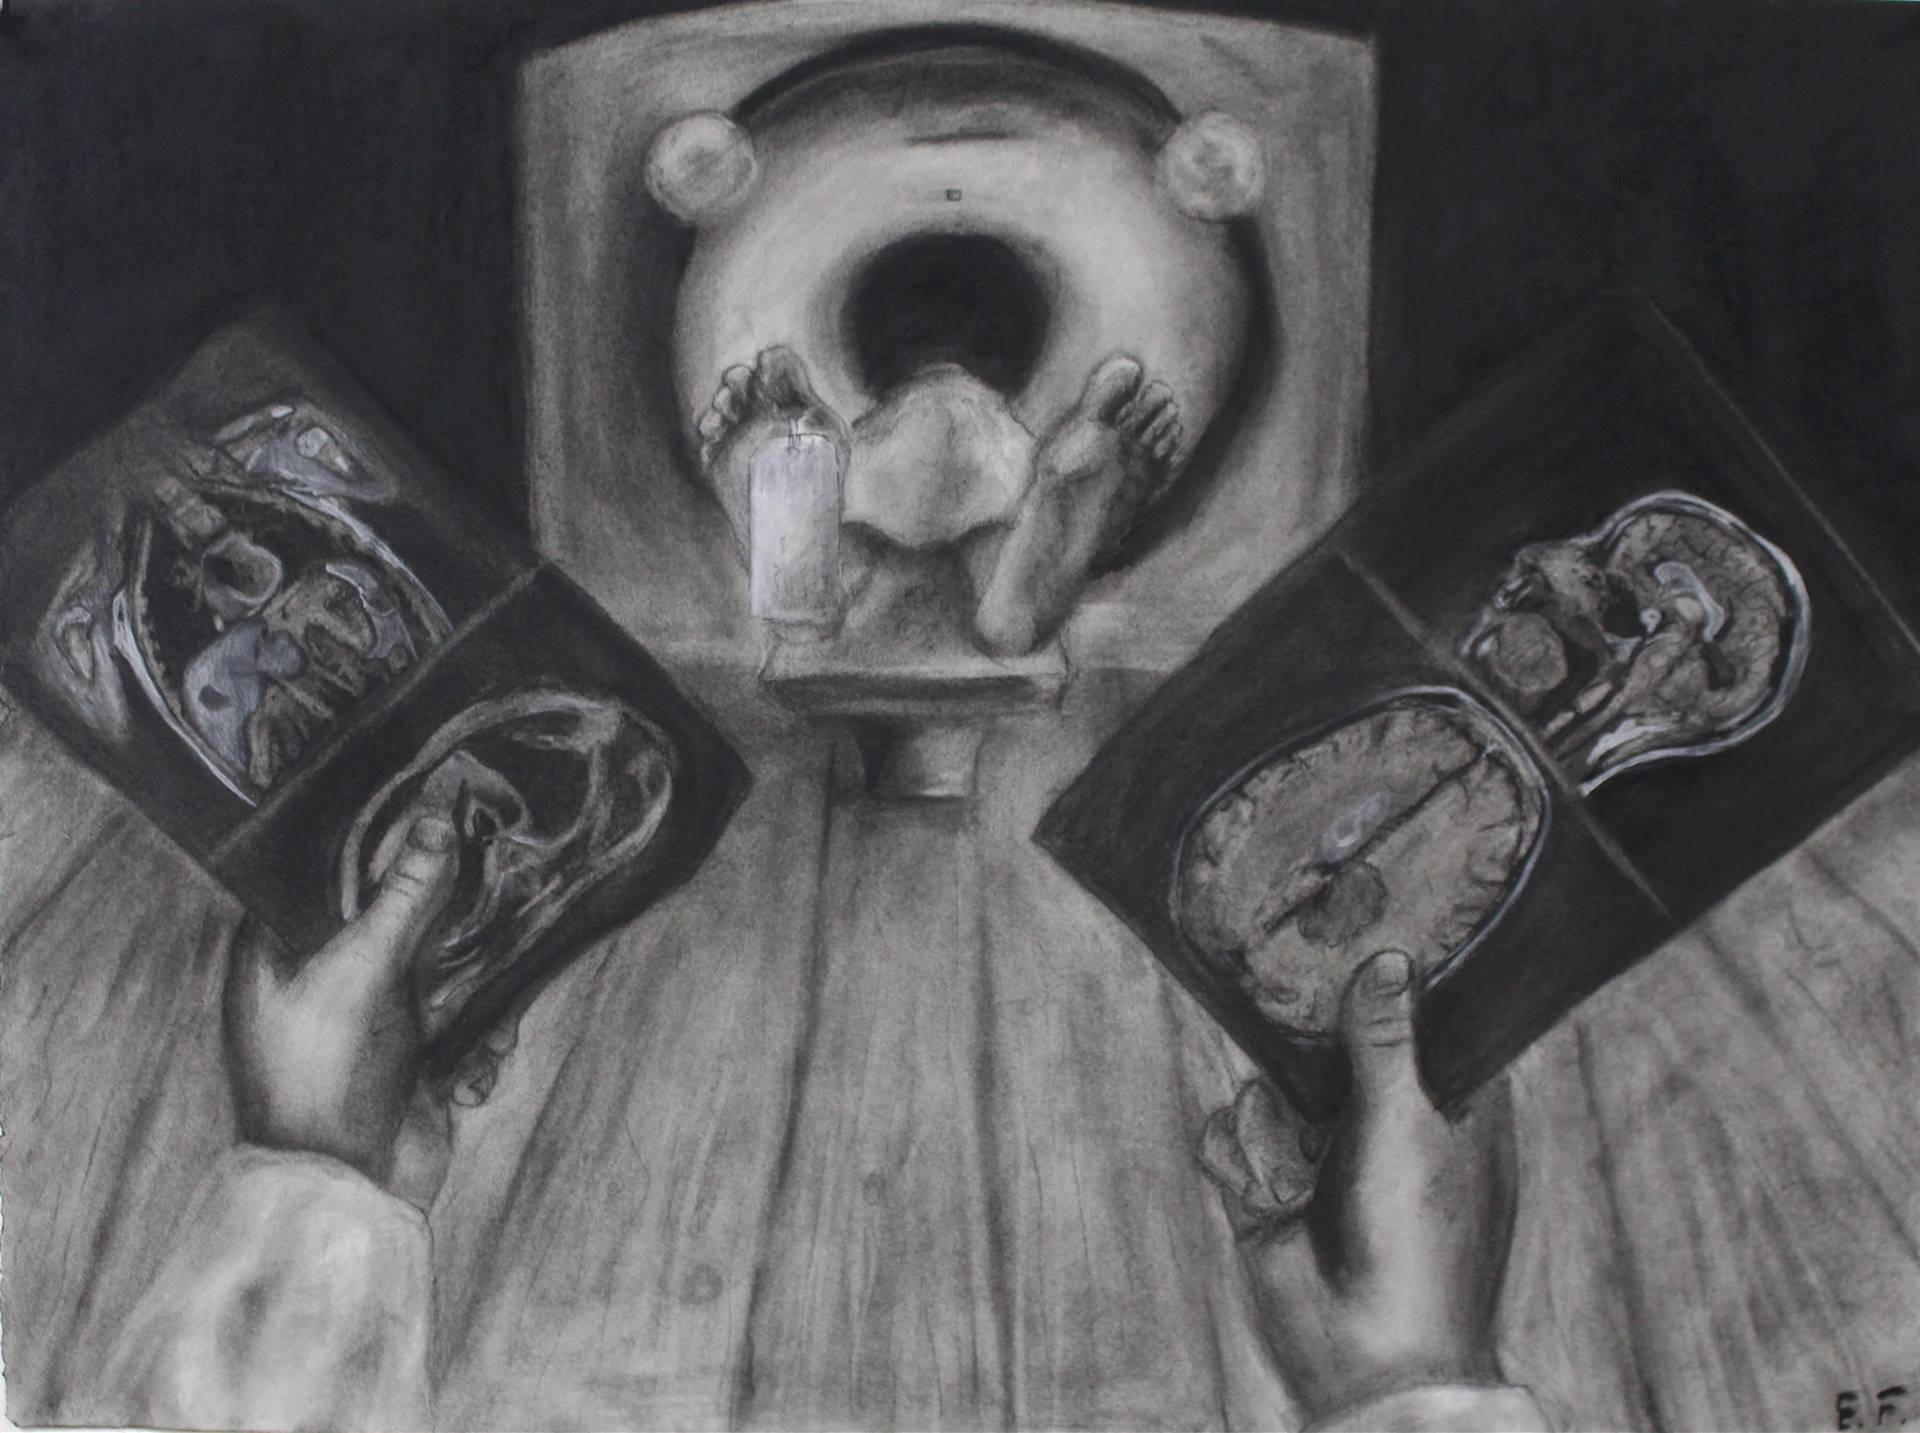 Living Corpse, Evan Forsyth